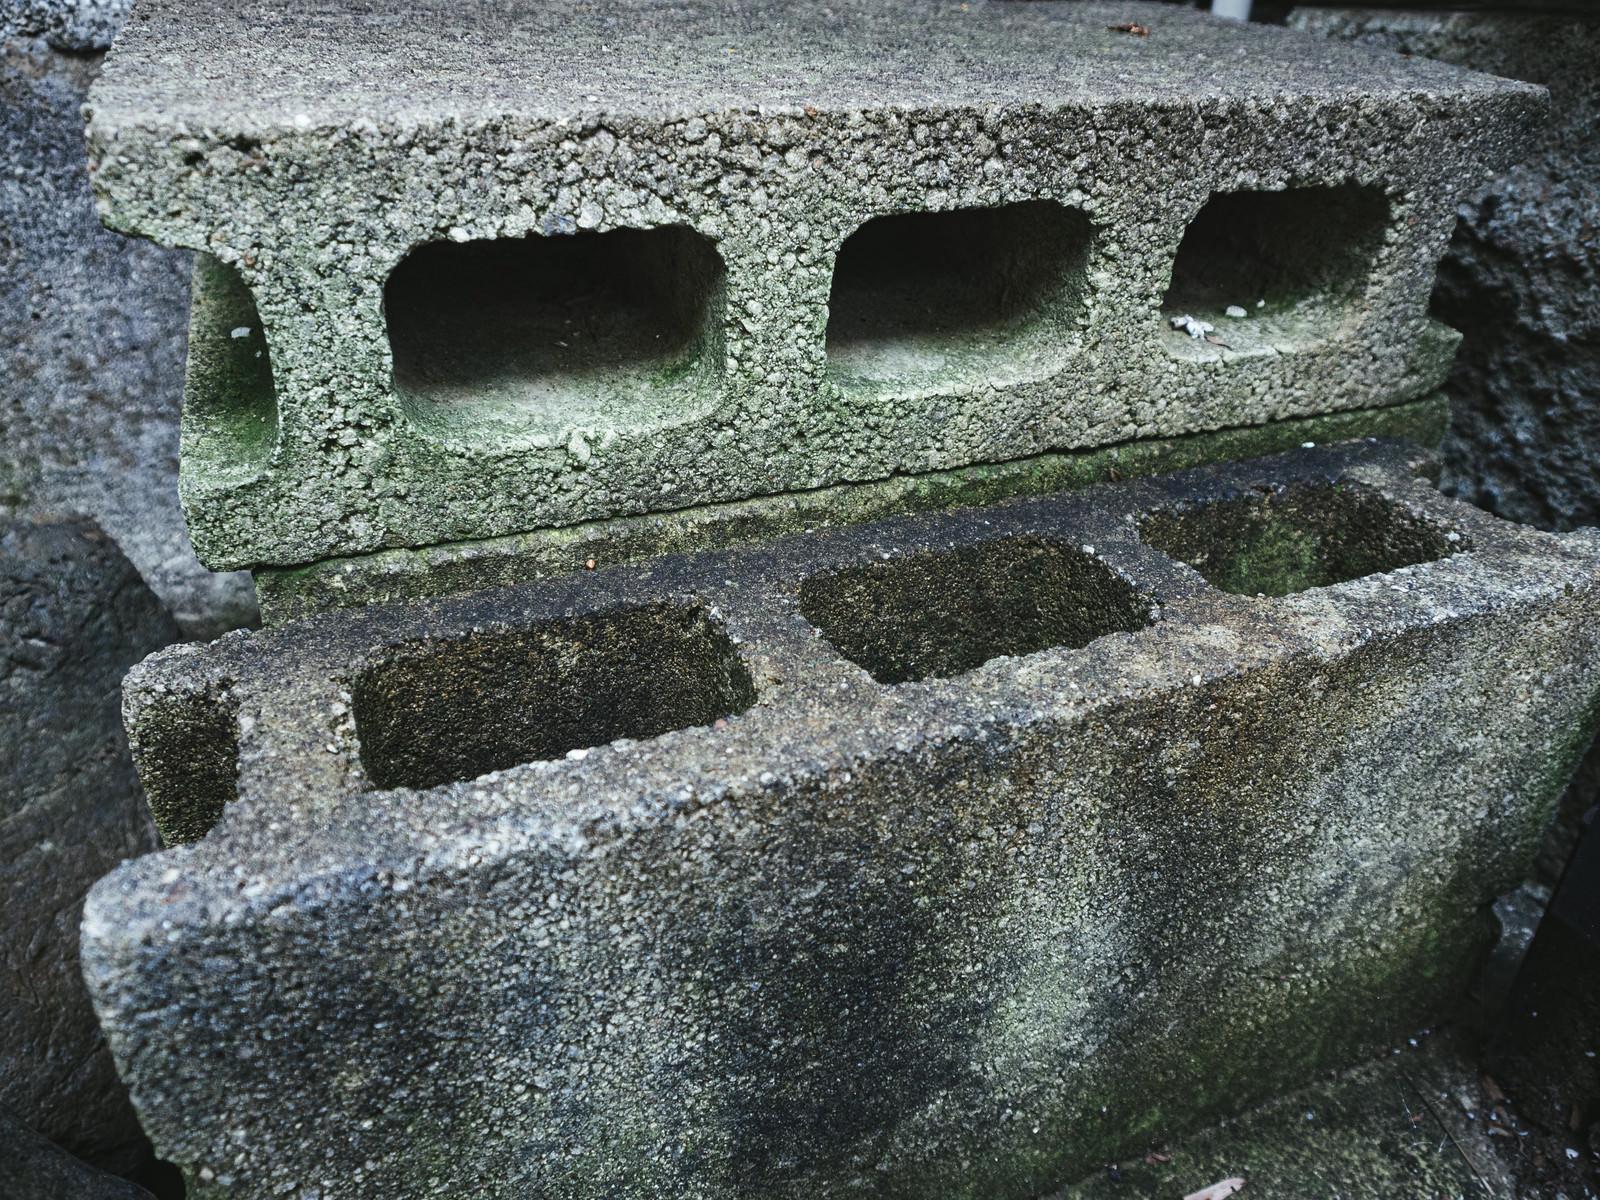 「汚れたブロック石」の写真